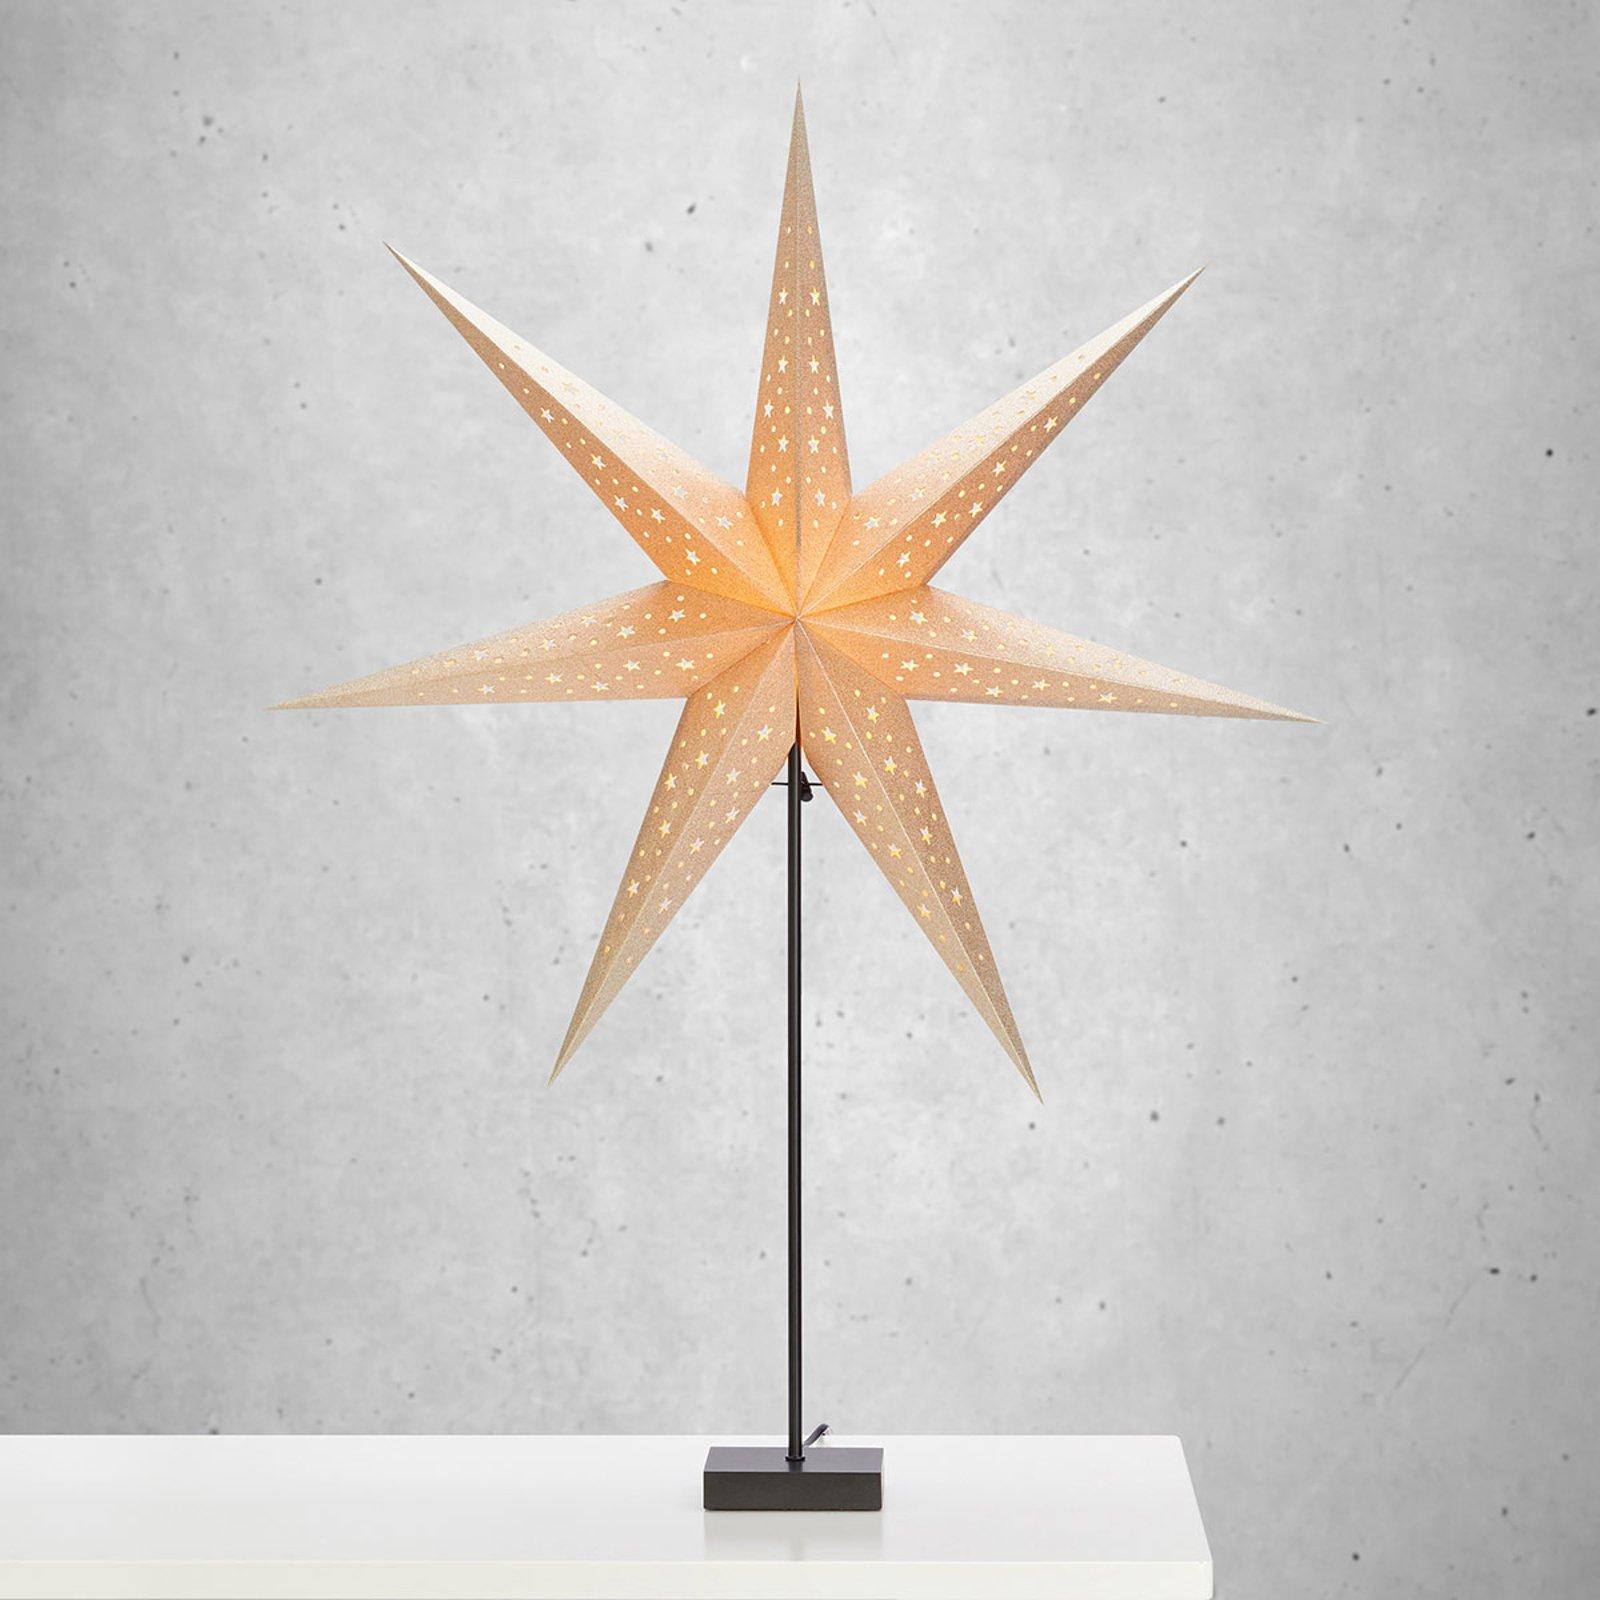 Stående stjerne Solvalla - høyde 100 cm gull